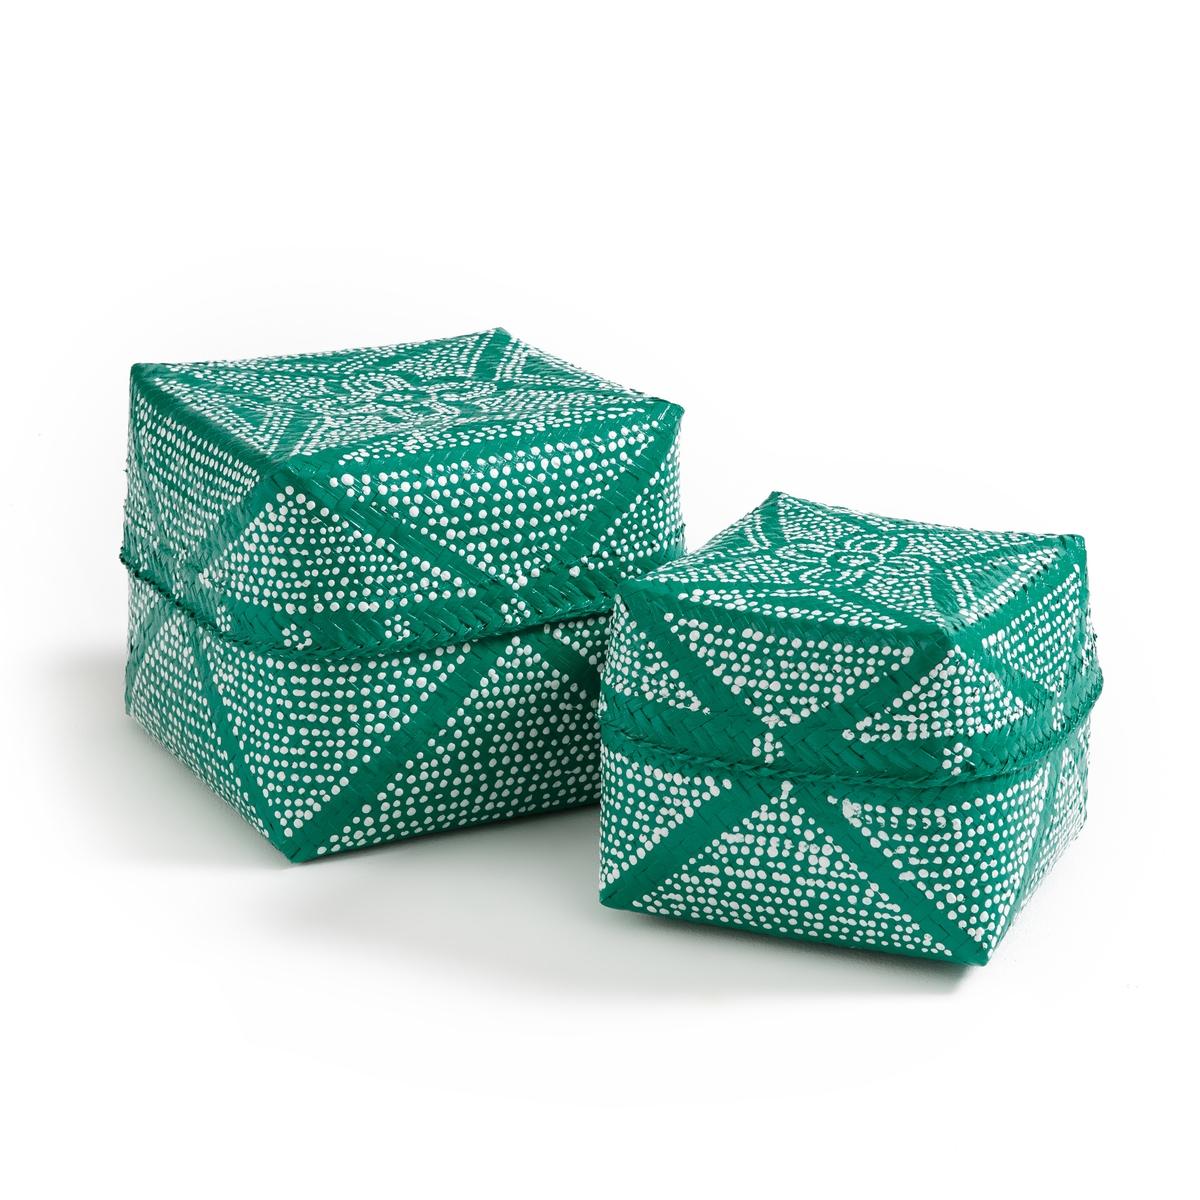 Комплект из 2 коробок для хранения NerfertoumРучная работа. Ручное производство. Характеристики: Из бамбука, покрытого бусинами.Размеры: - Коробка 1: ?19 x В15,5 см,- Коробка 2: ?25 x В24,5 см.<br><br>Цвет: зеленый